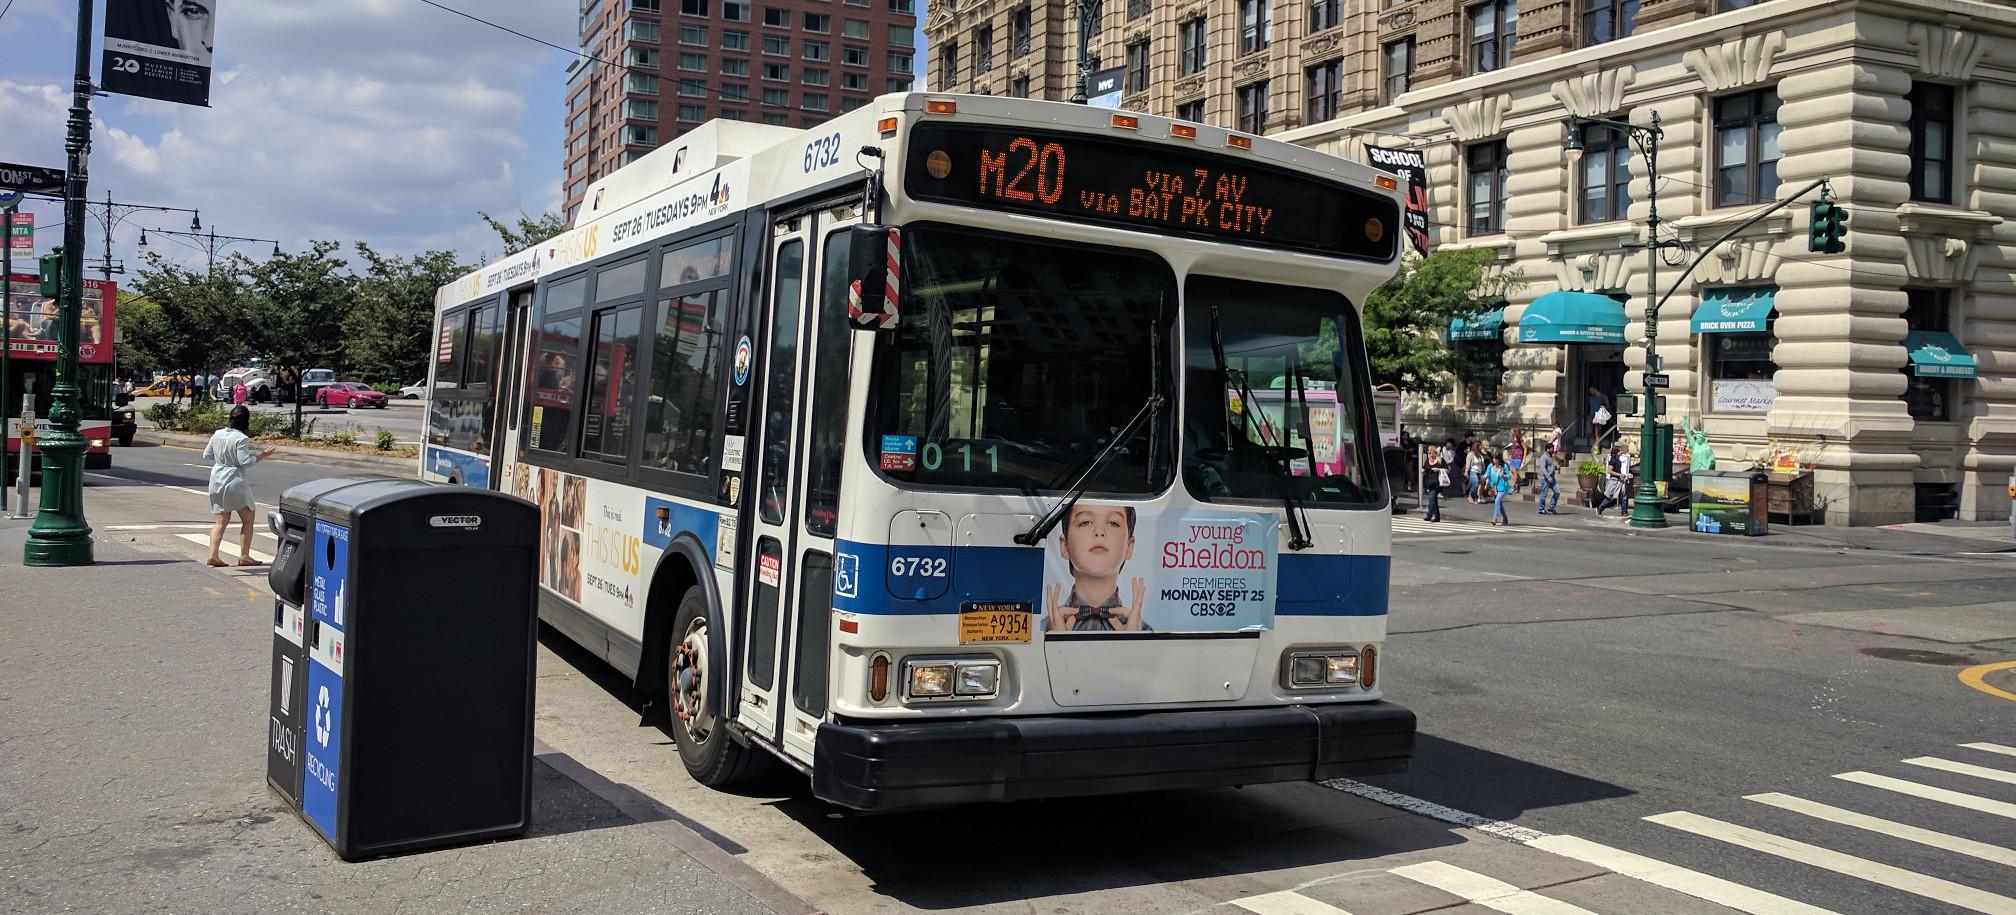 NYCT M20 Bus